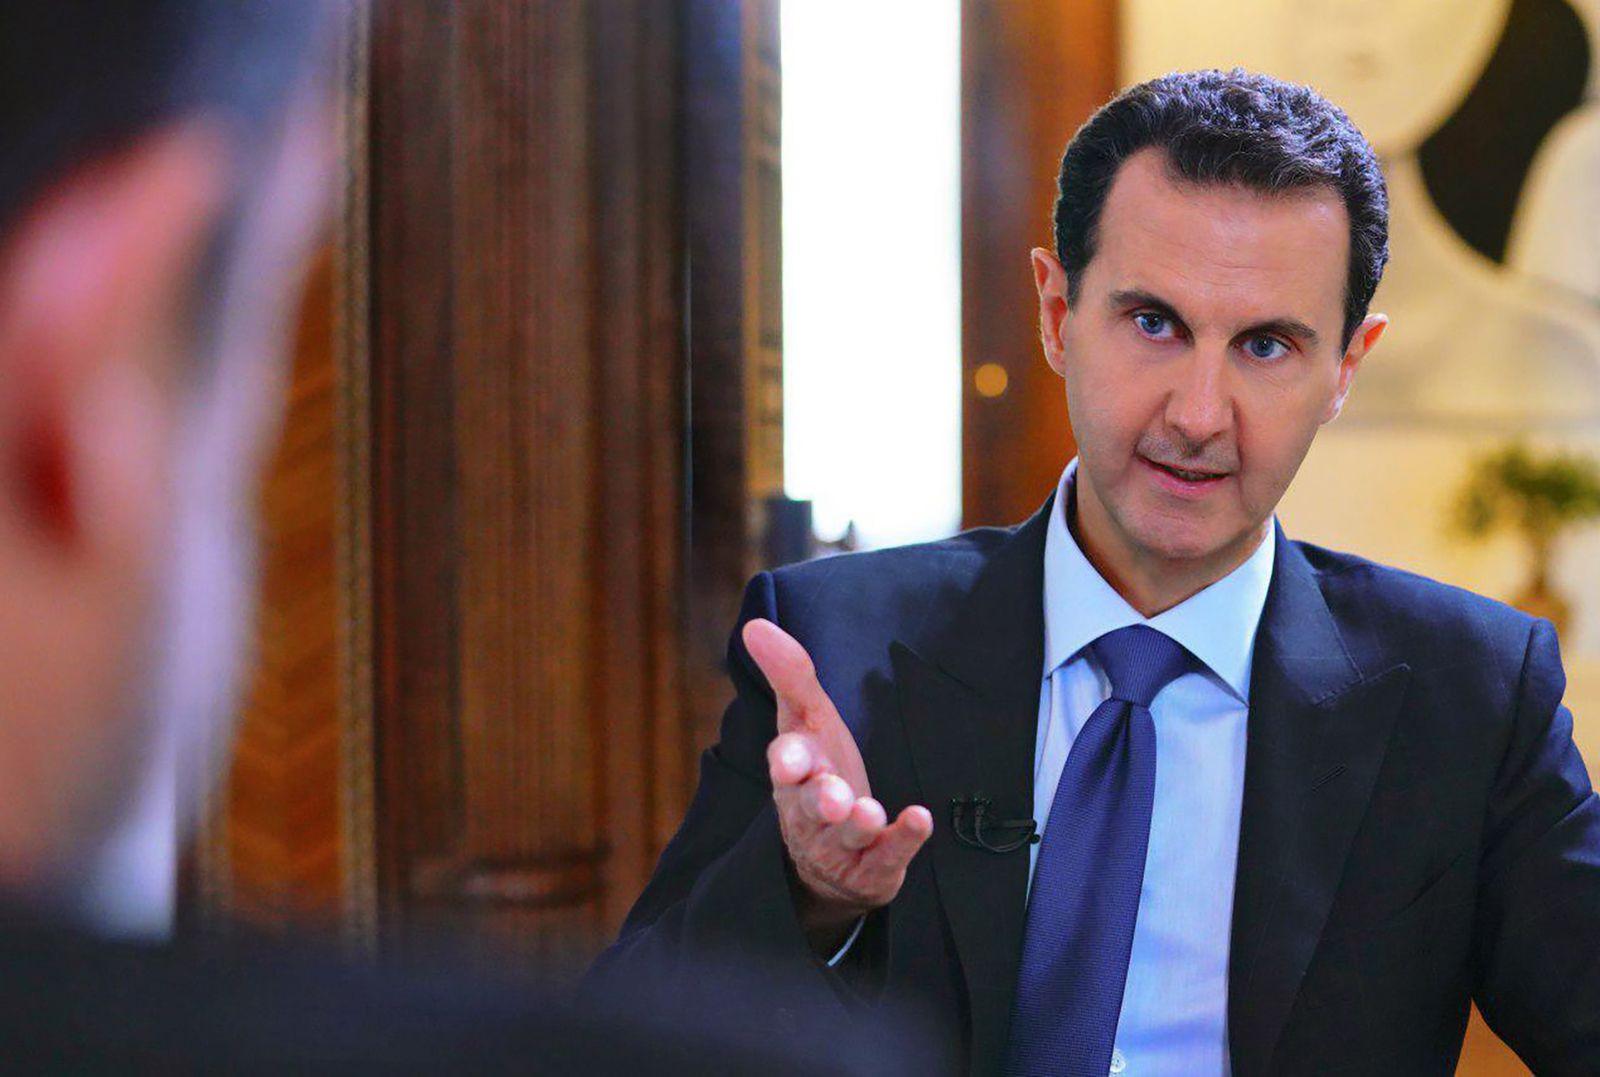 SYRIA-CONFLICT-MEDIA-ASSAD